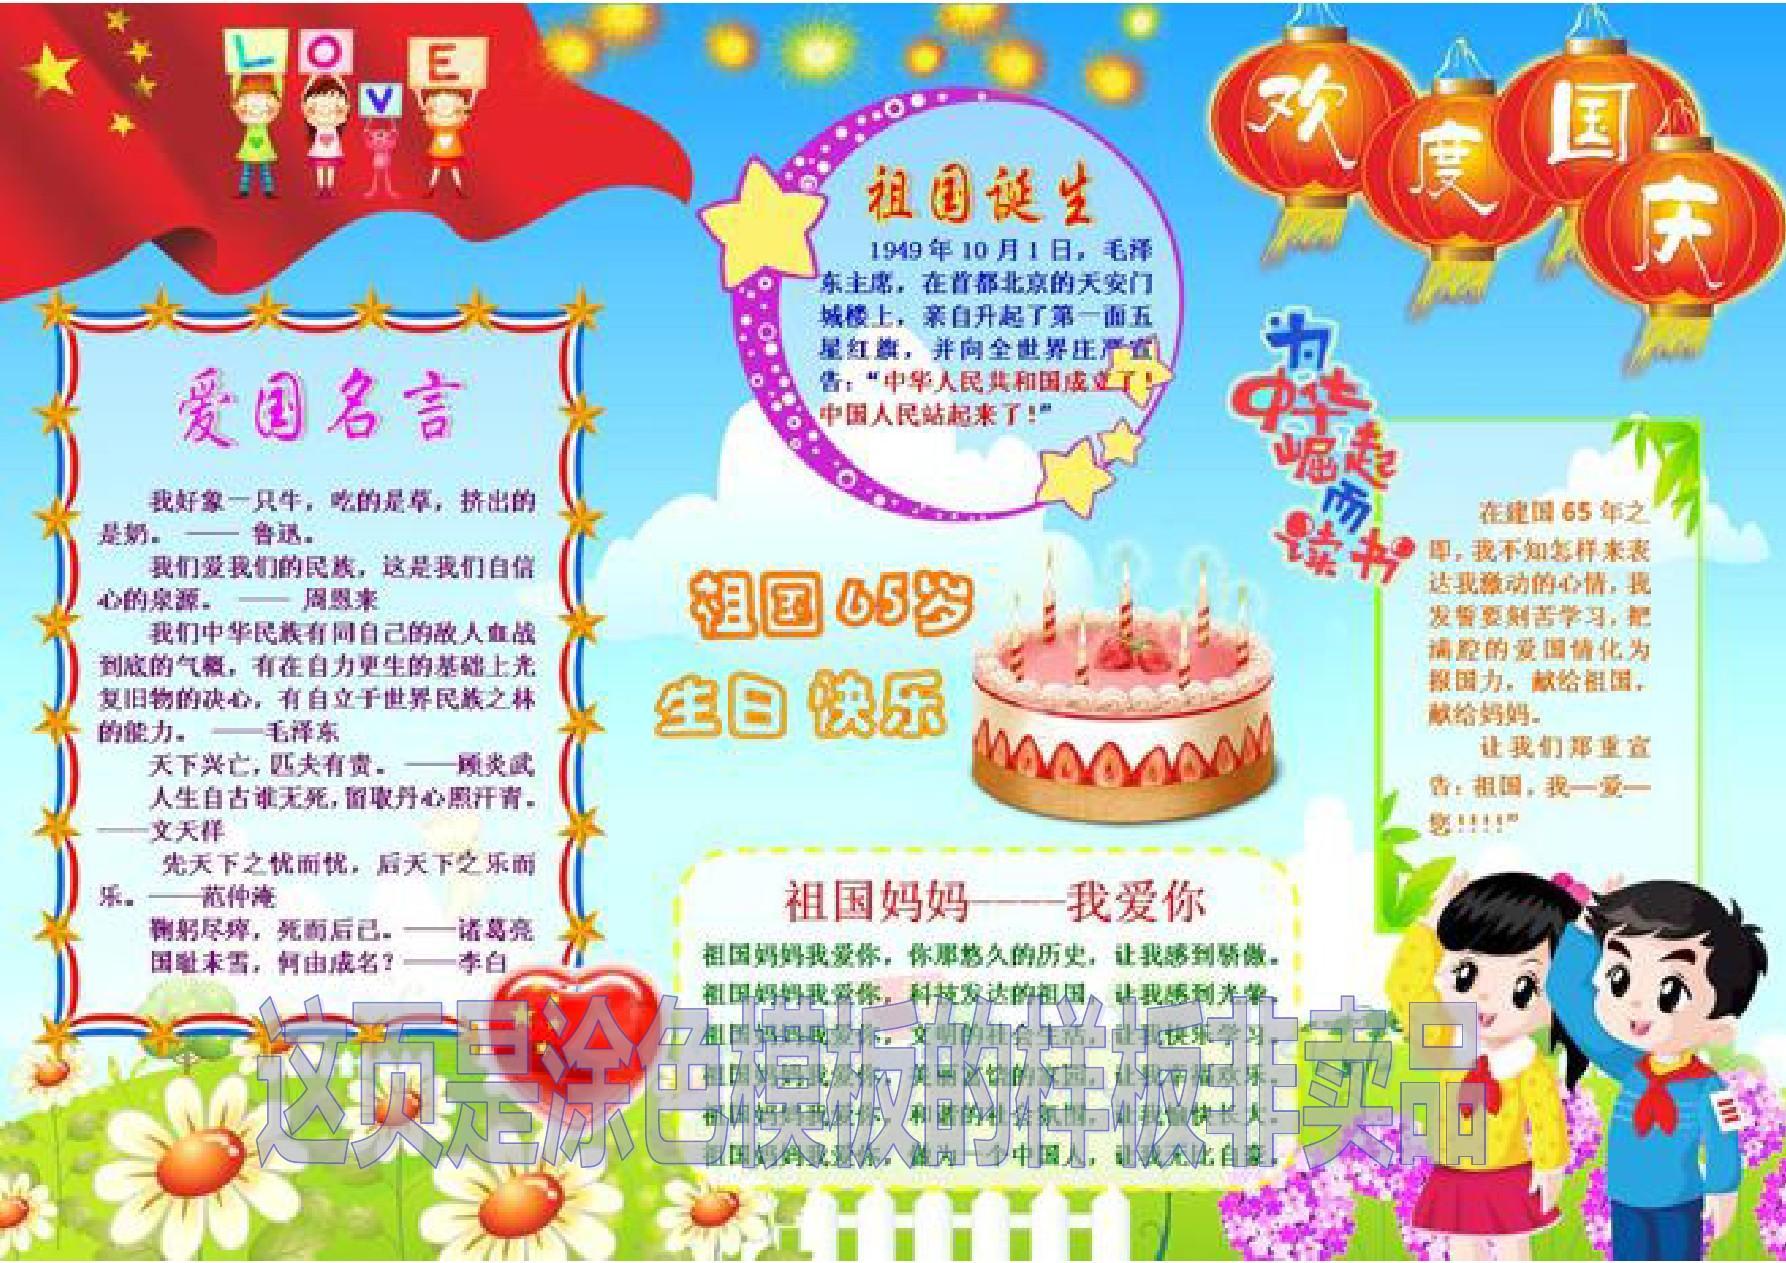 国庆节5341a3国庆节手抄报模板,欢度国庆描边